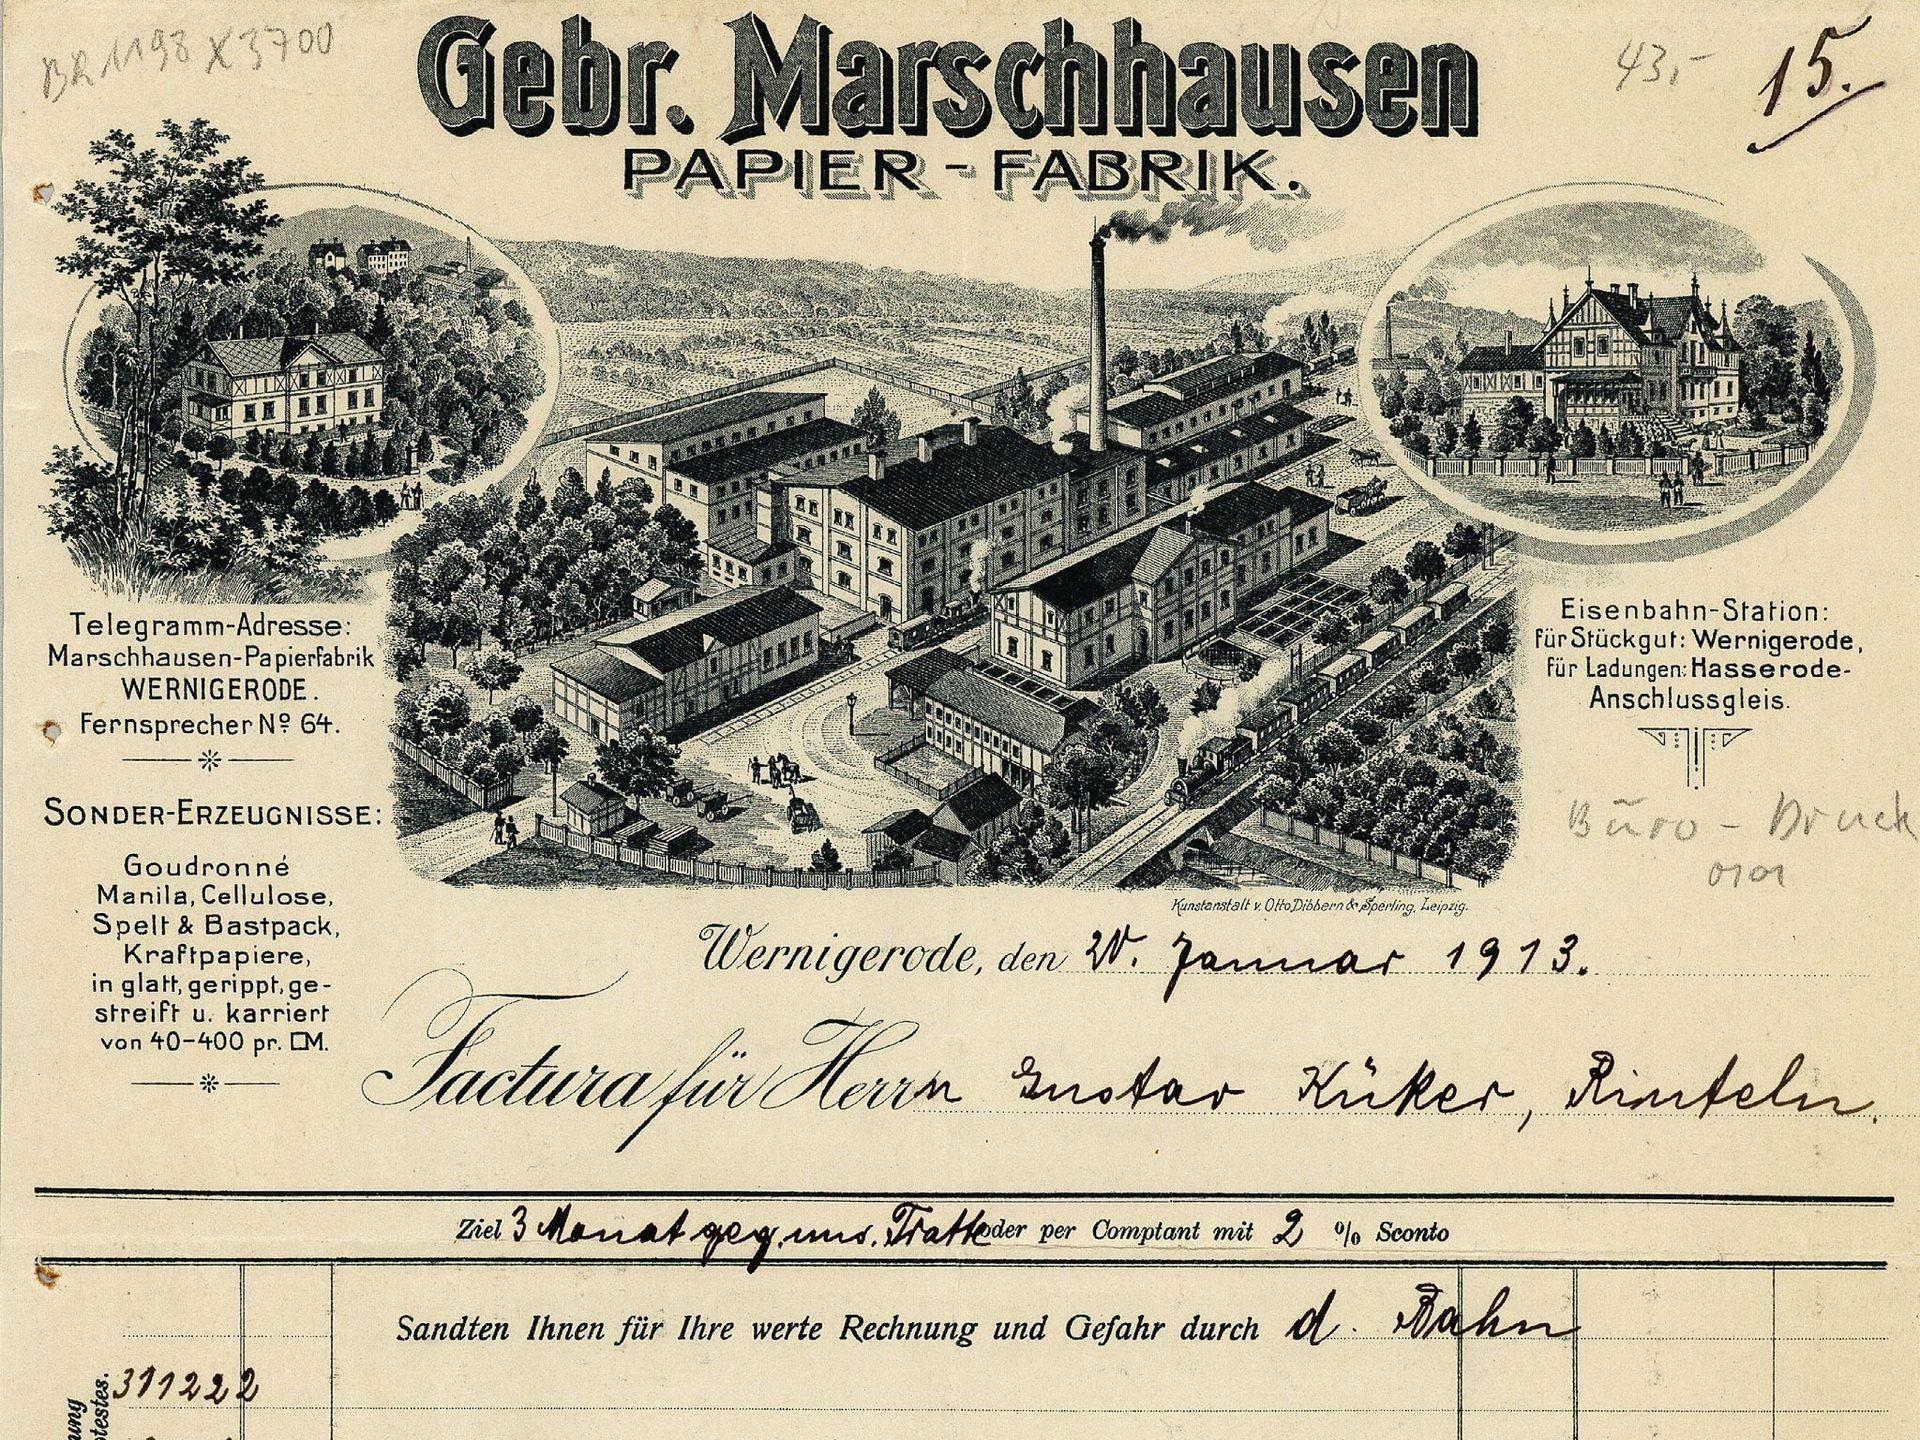 Rechnungsformular der Papierfabrik Gebr. Marschhausen in Wernigerode